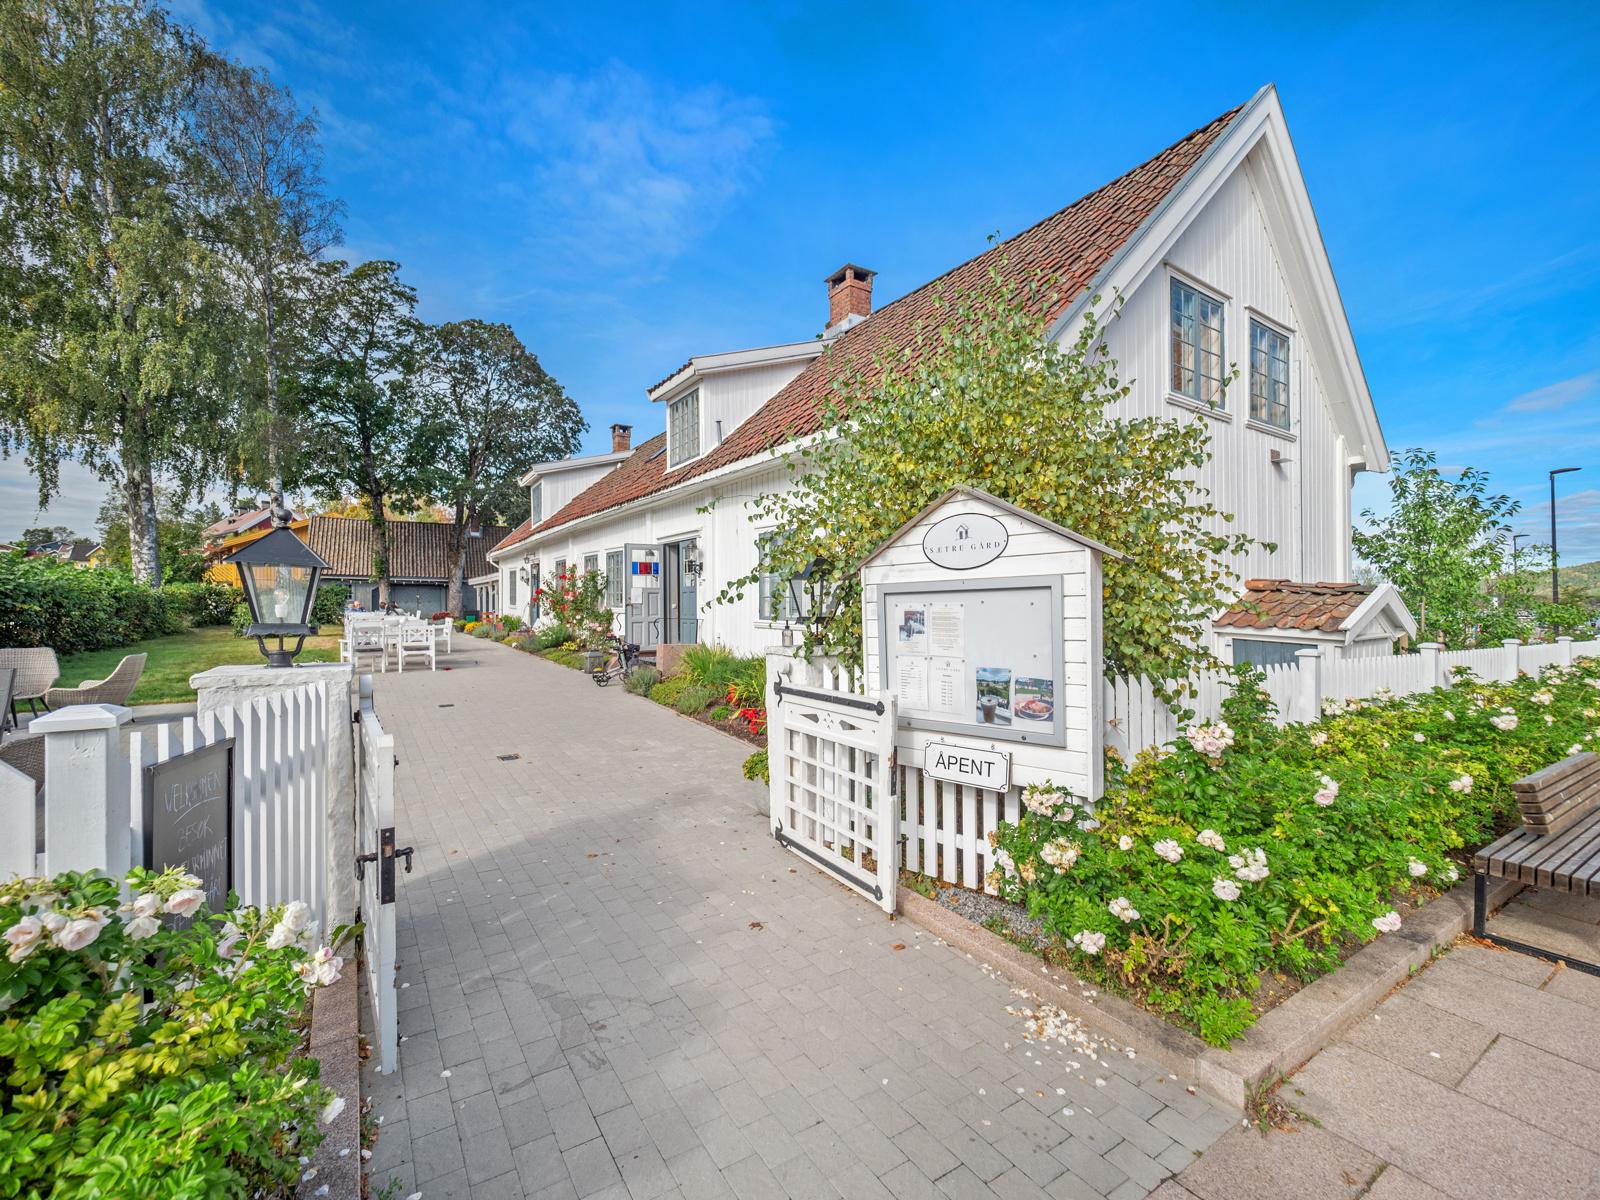 Idylliske Sætre gård (spisested og kultur) i sentrum.